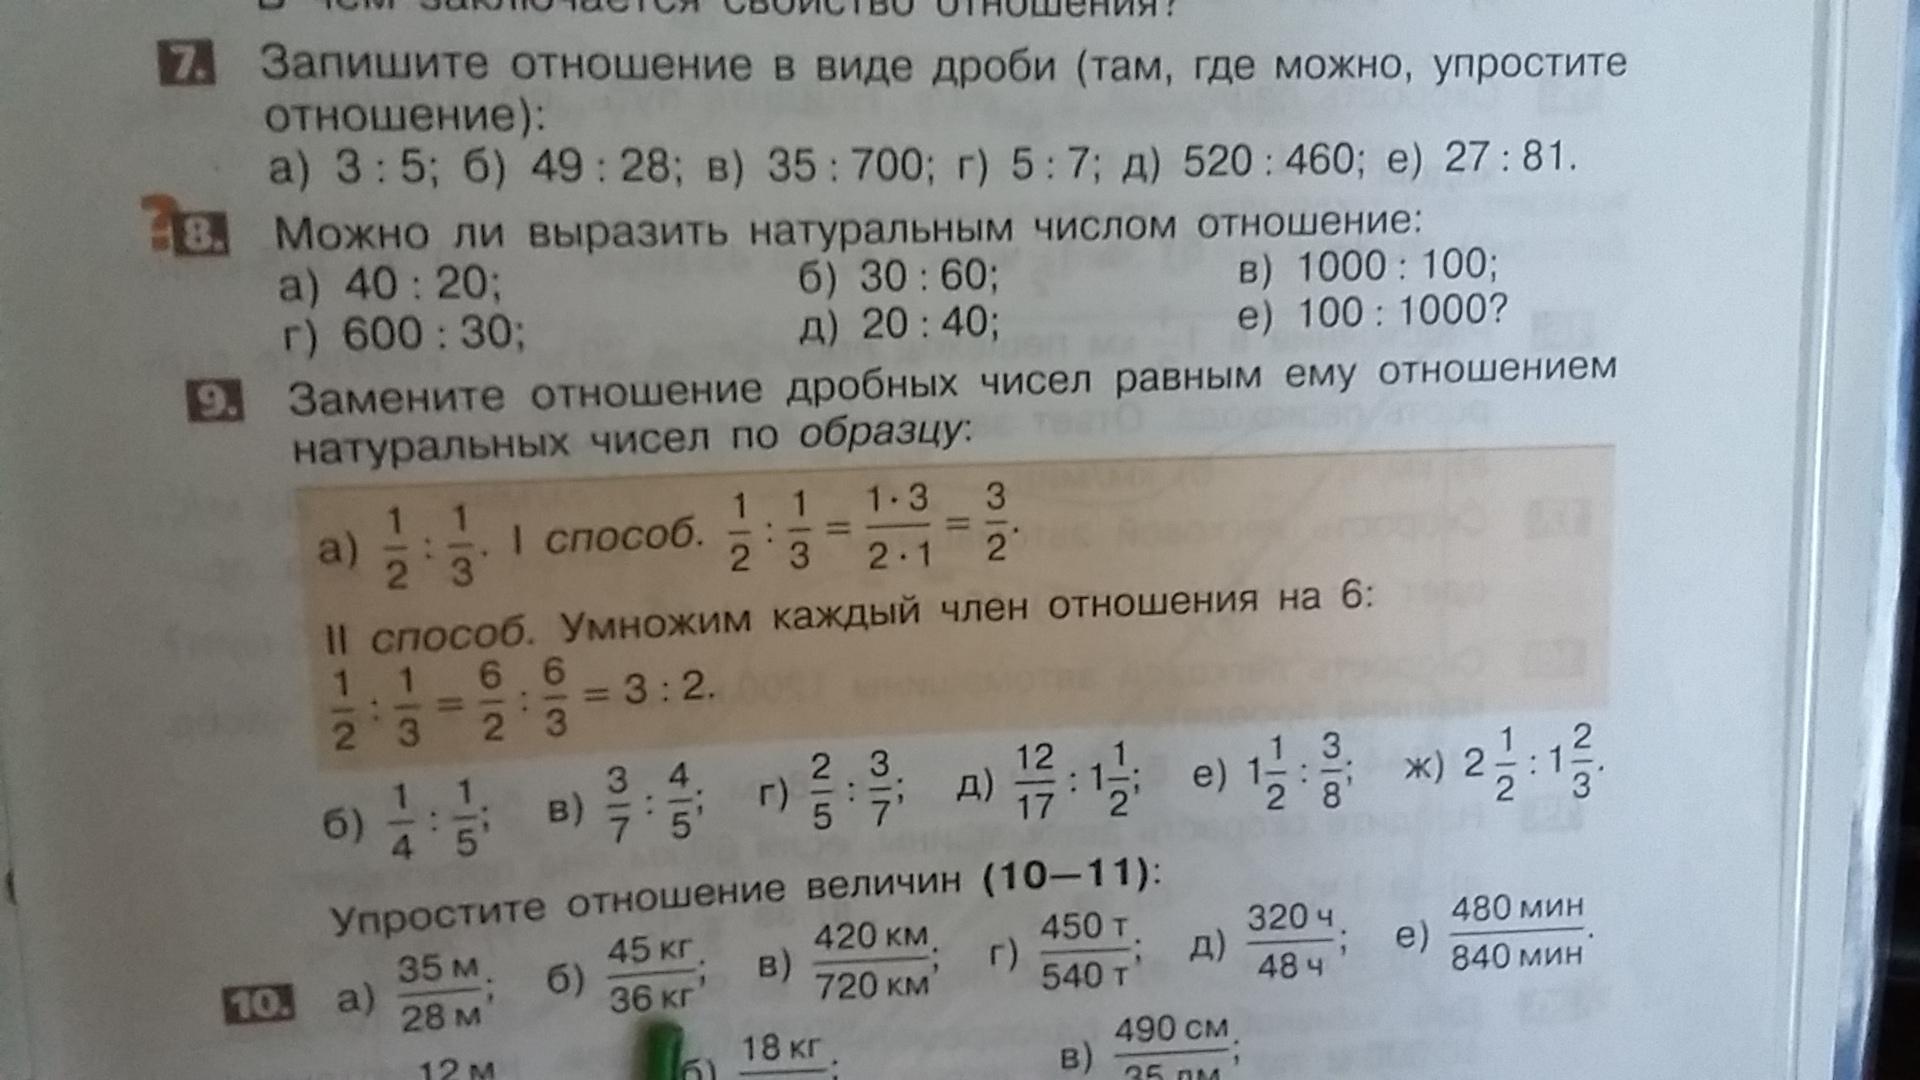 Как отношение дробных чисел отношением натуральных чисел